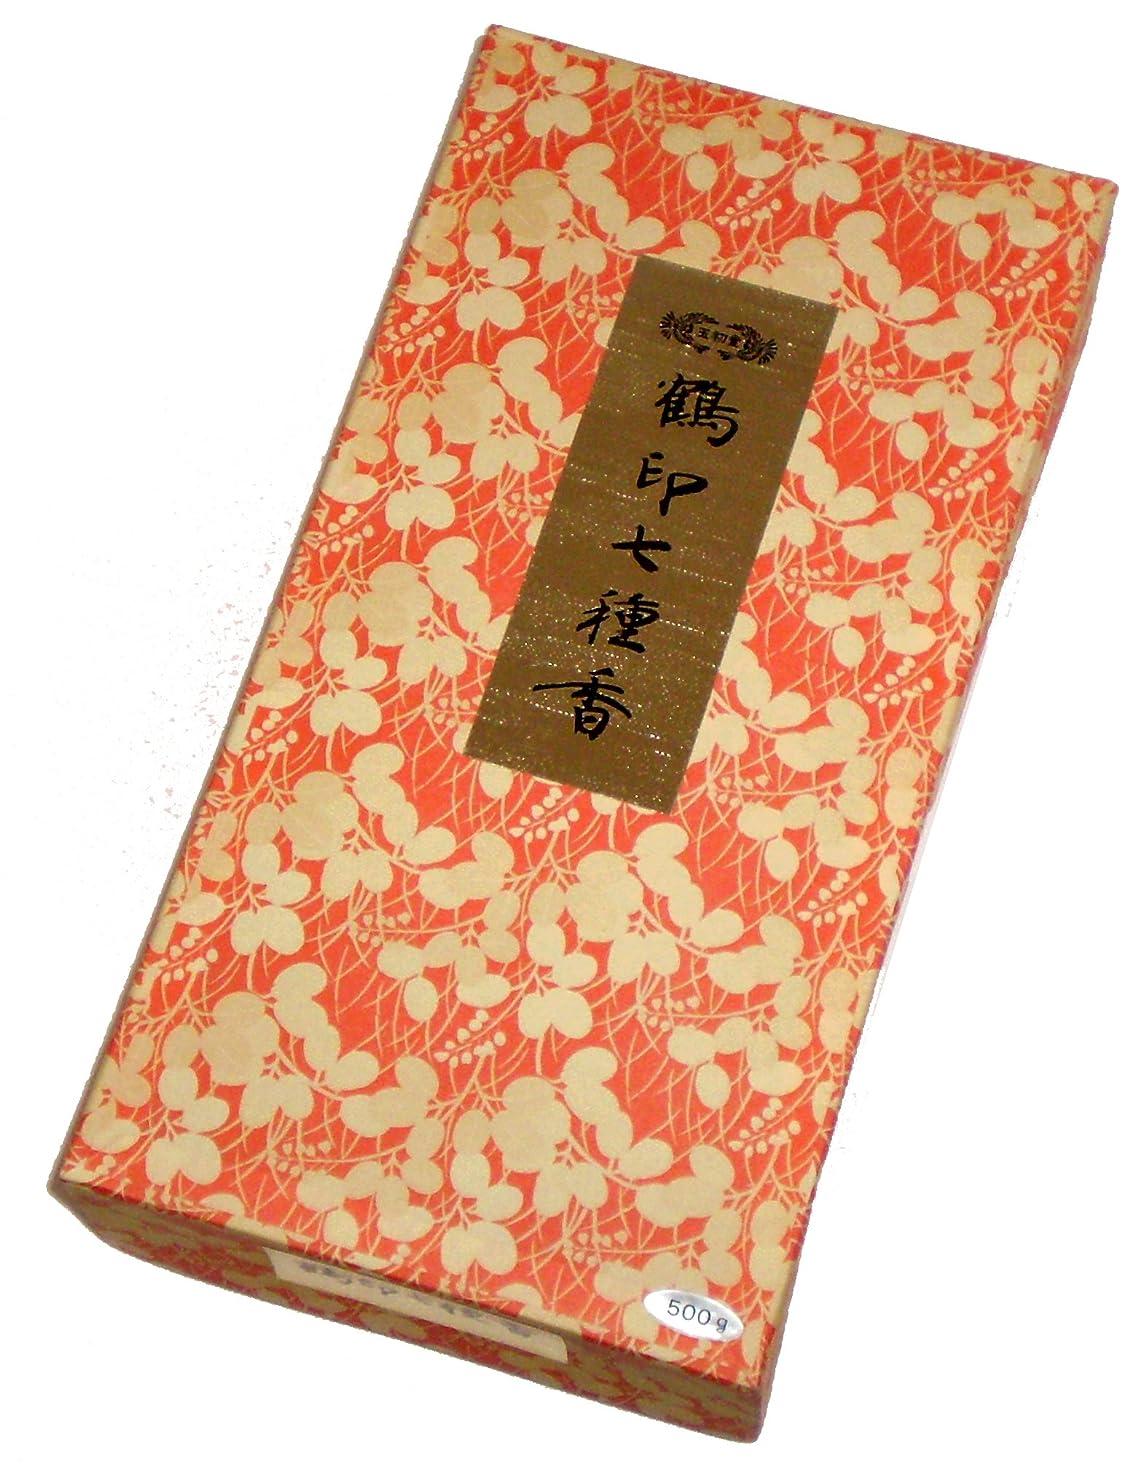 十二出くわす役員玉初堂のお香 鶴印七種香 500g #671